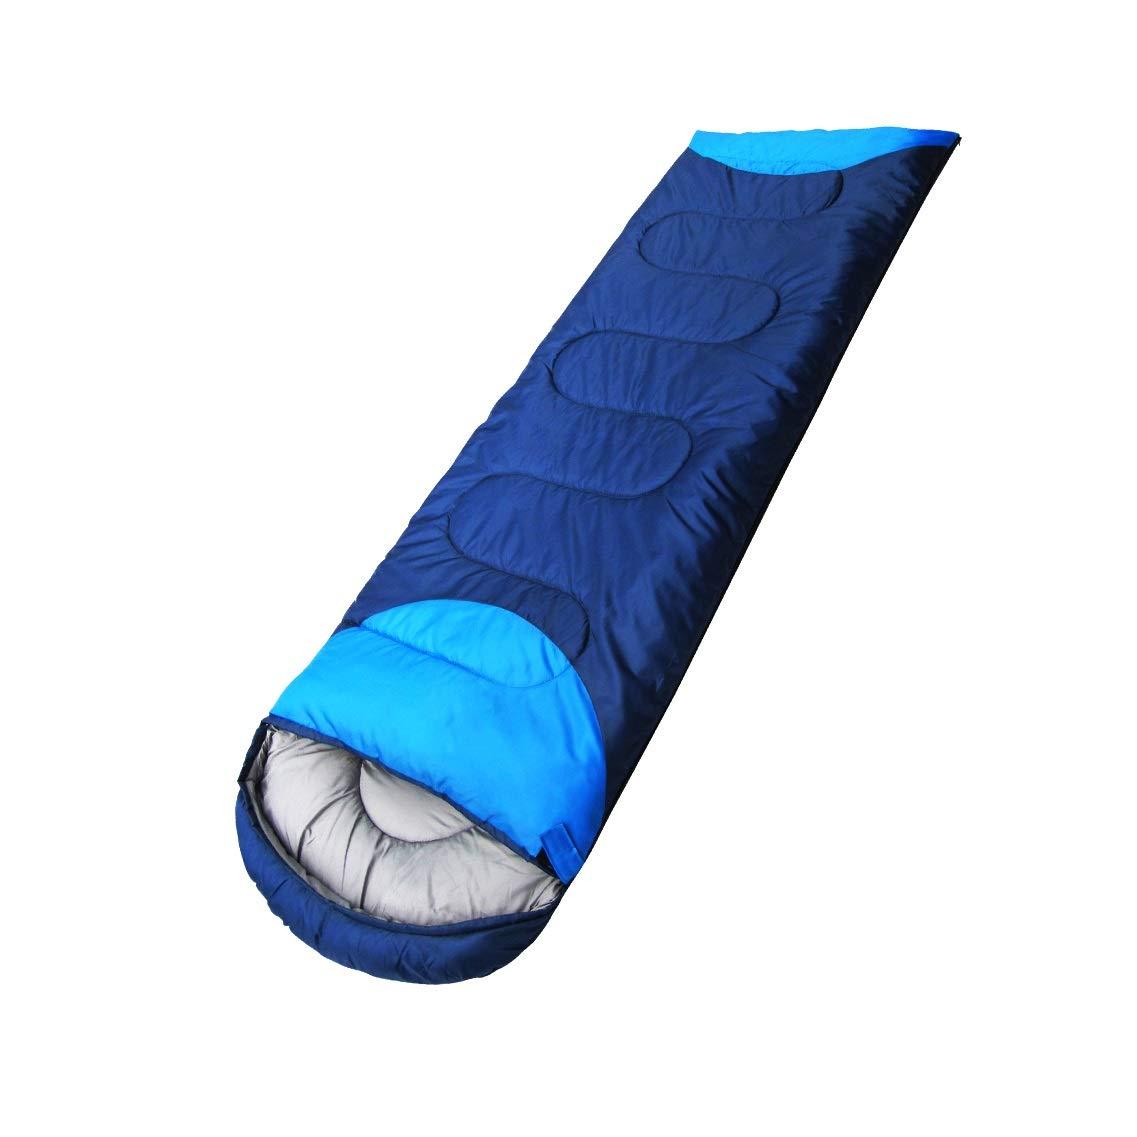 Dark bleu1.8kg HUACANG Sac De Couchage Adulte Extérieur Voyage De Printemps pour Hommes Et Femmes Sac De Couchage Simple Et Chaud d'hiver Design épissable (Taille   Dark bleu1.5kg)